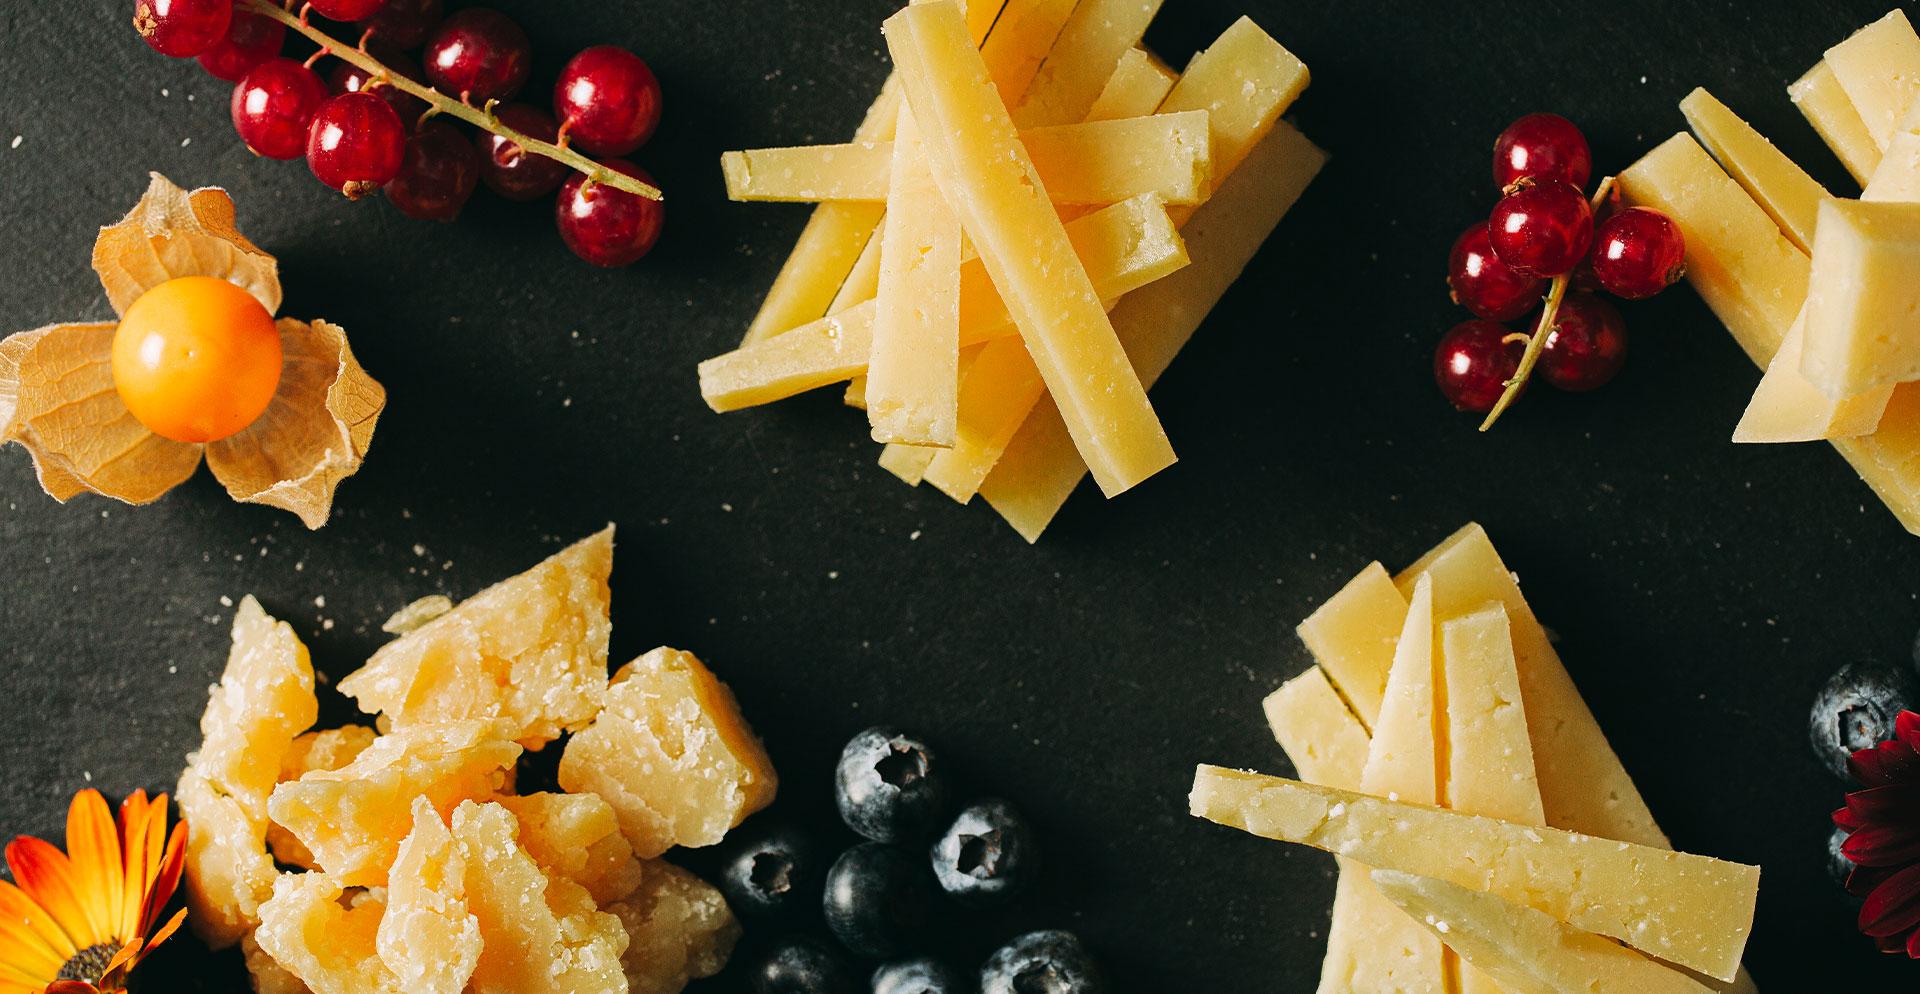 prova de queijo manteigaria silva